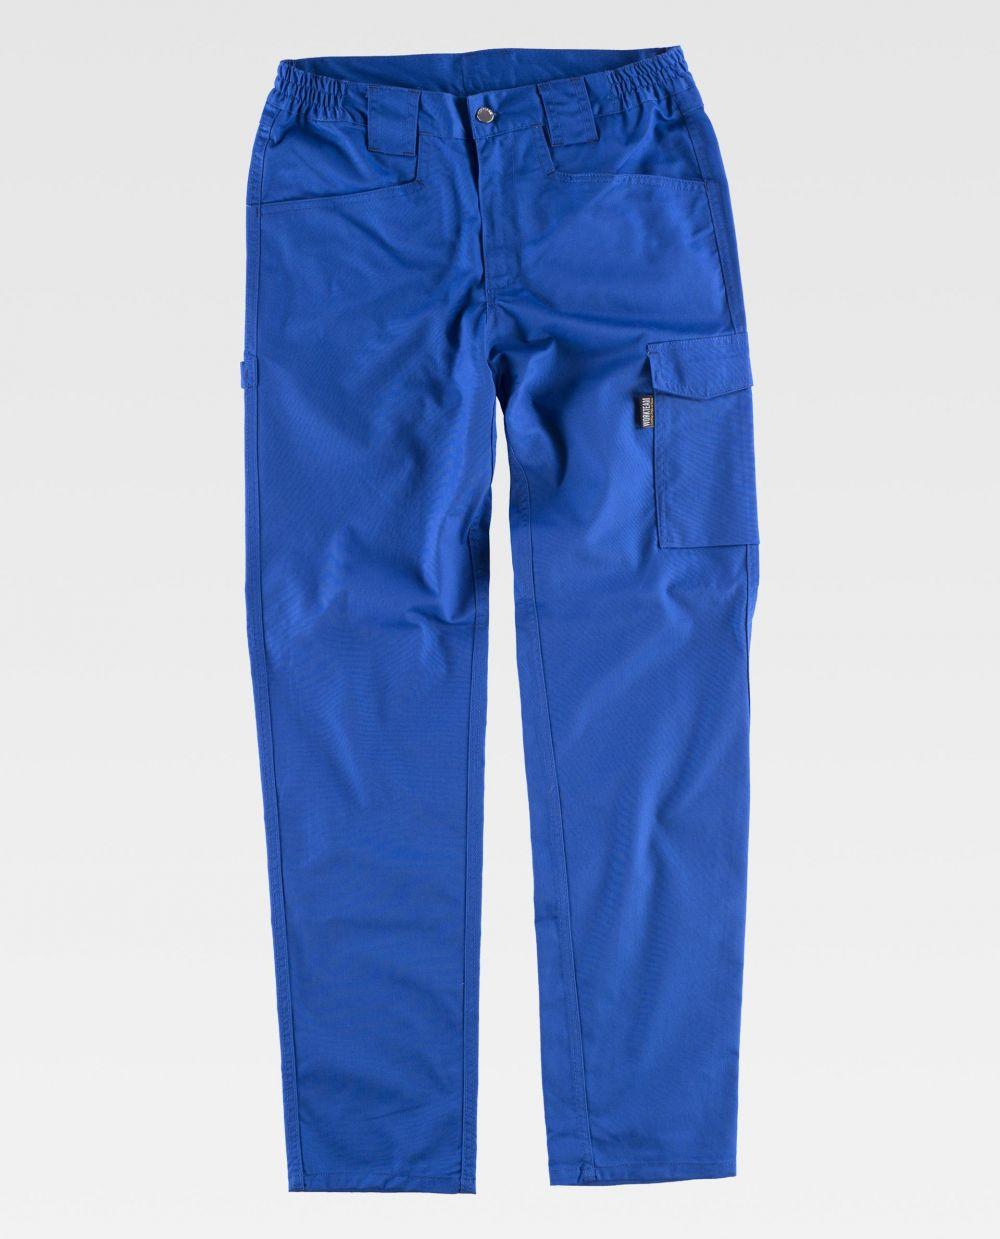 Pantalones de trabajo workteam b4030 de poliéster vista 1